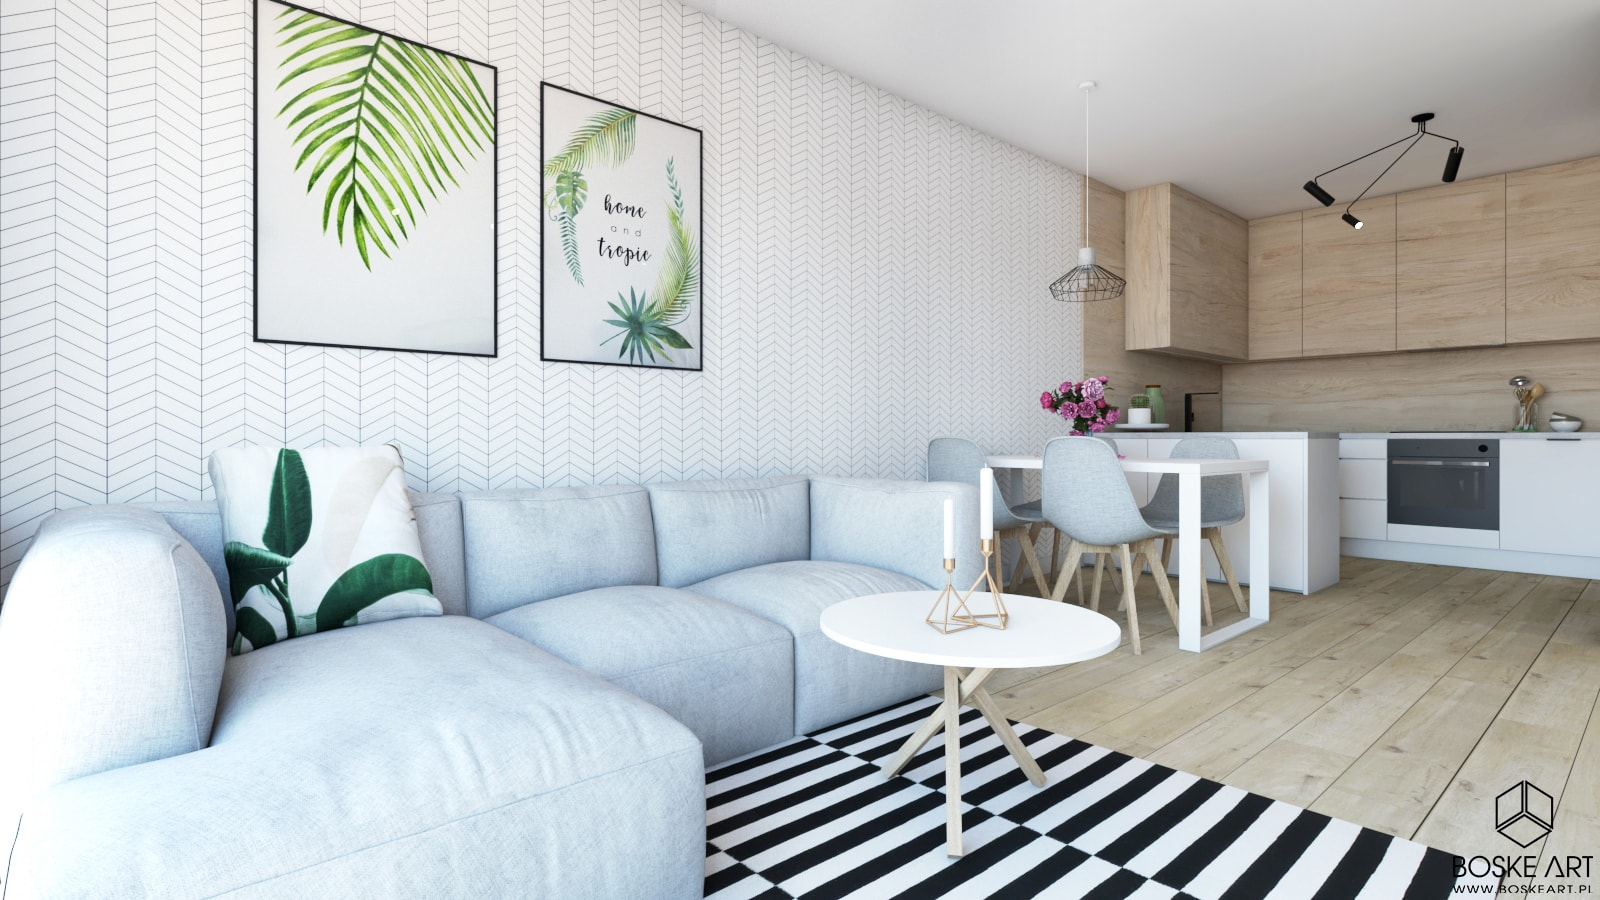 2_mieszkanie_gniezno_boske_art_projektowanie wnetrz_architektura_natalia_robaszkiewicz-min